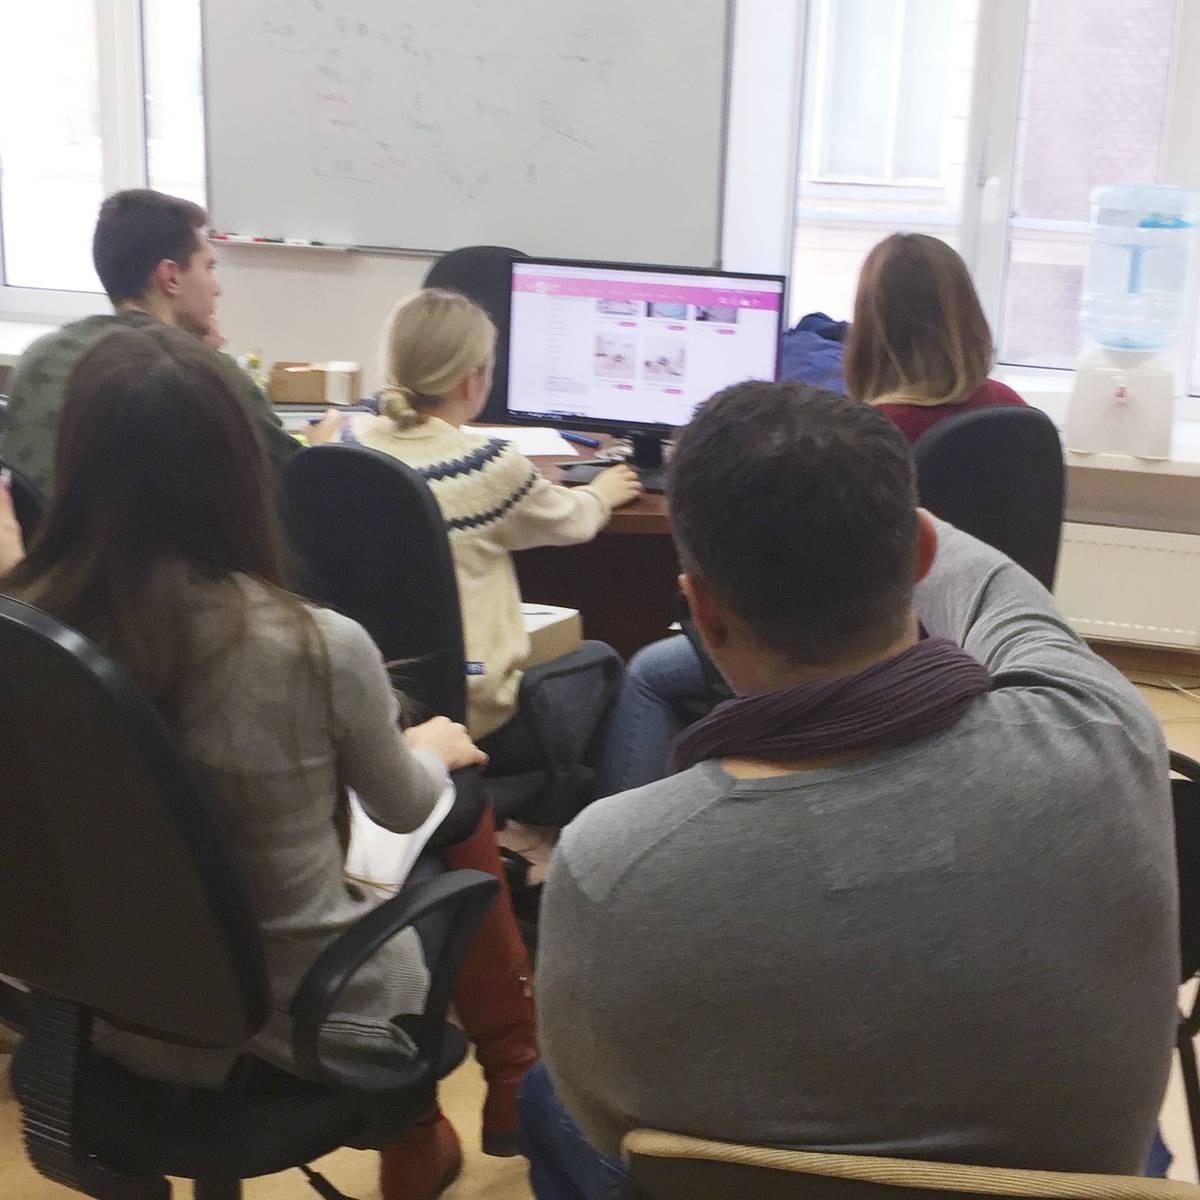 Коллектив «Свитклаба» в офисе на Мясницкой обсуждает удобство сайта